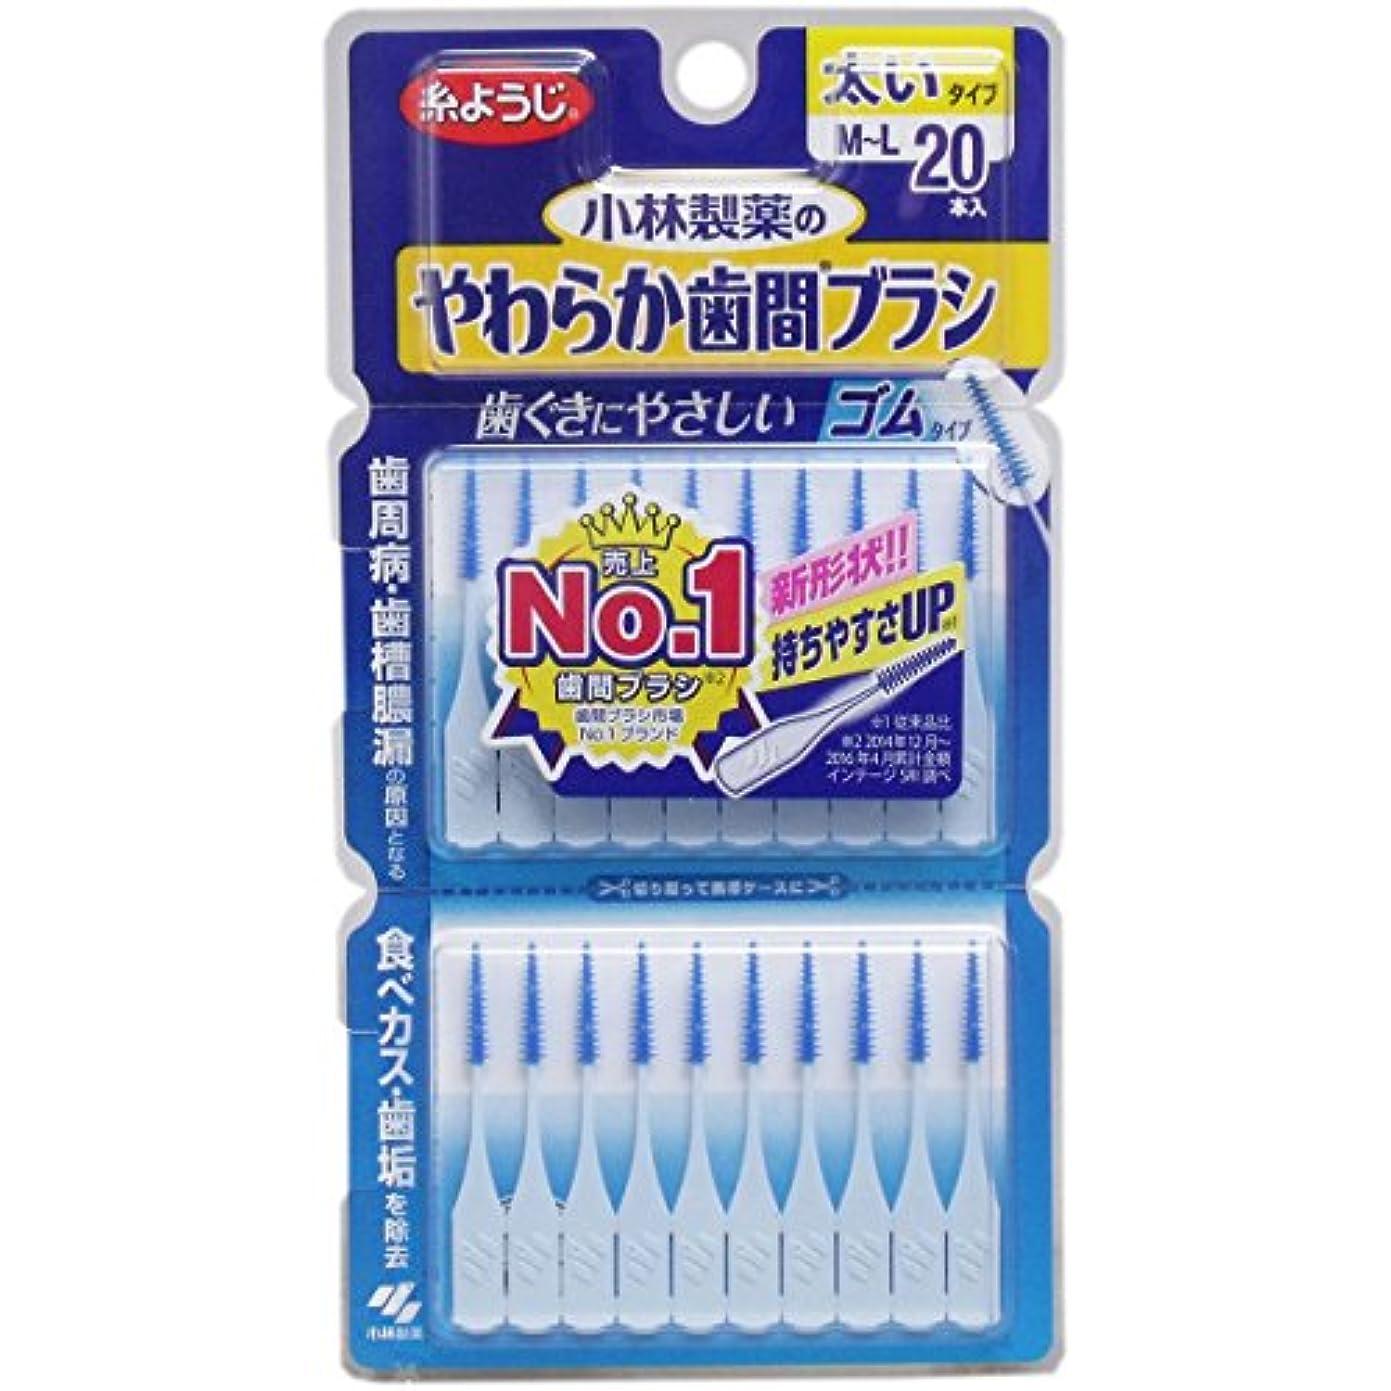 保持キャンセル動かすやわらか歯間ブラシM-Lサイズ20本×10